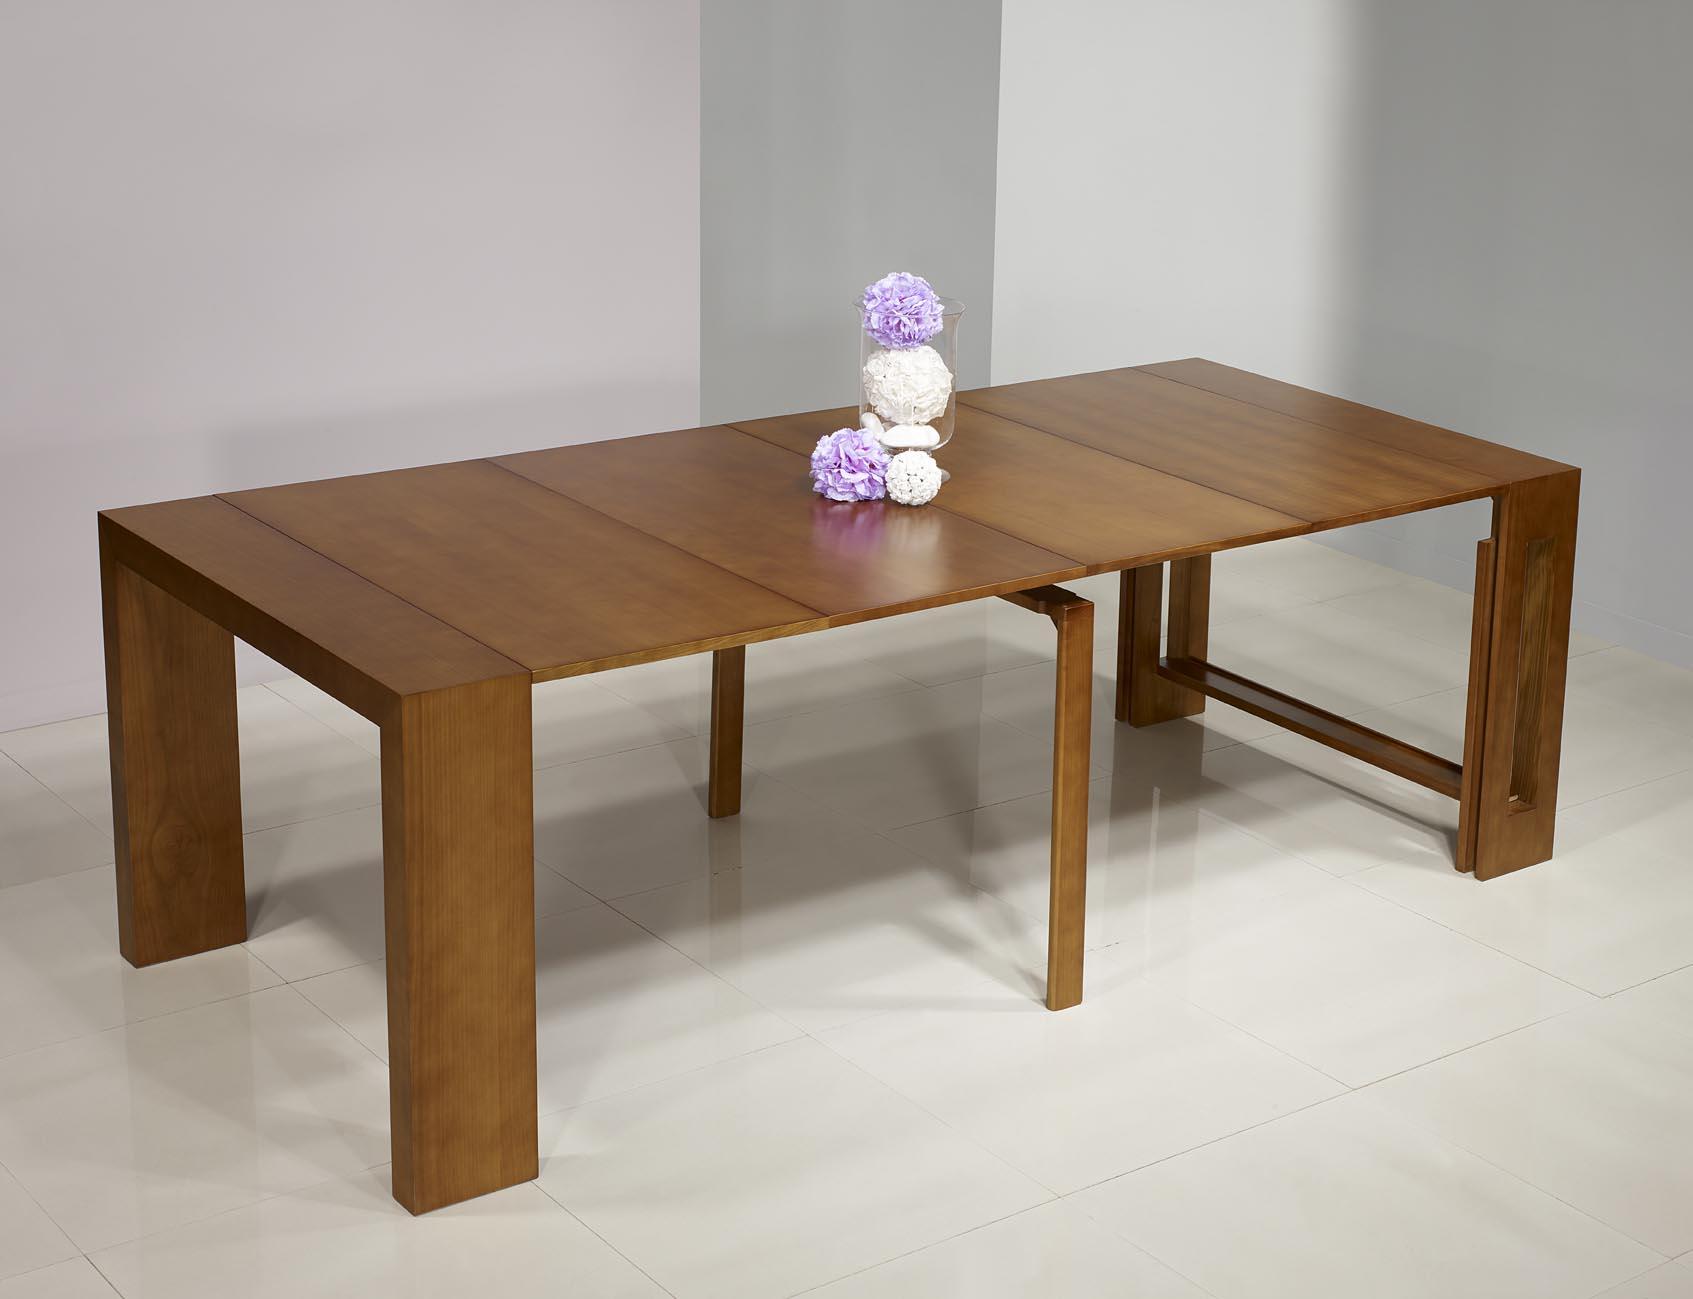 Consola mesa extensible hecha en cerezo macizo contempor nea con 4 extensiones meuble en - Mesa extensible color cerezo ...